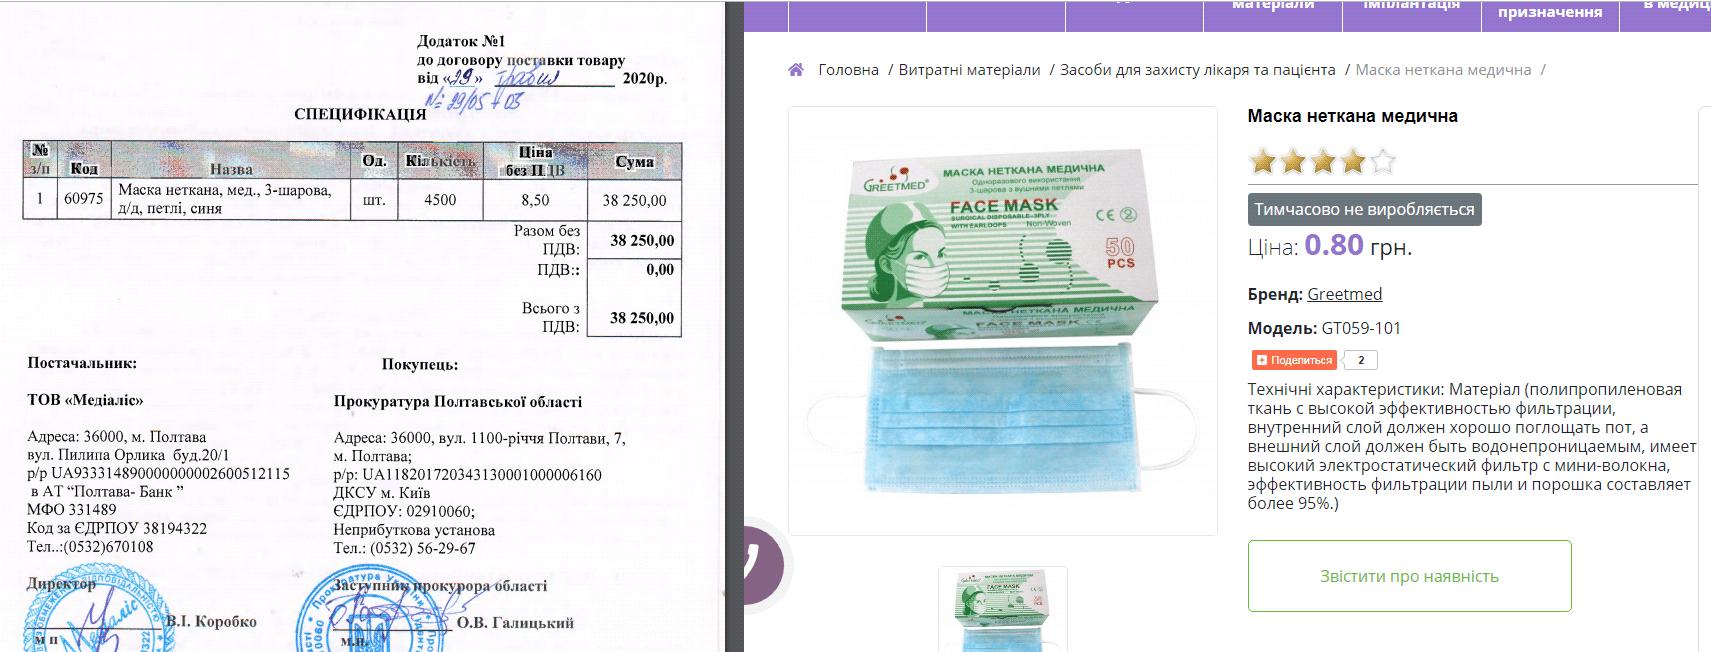 Договір та скріншот сайту «Віоли»